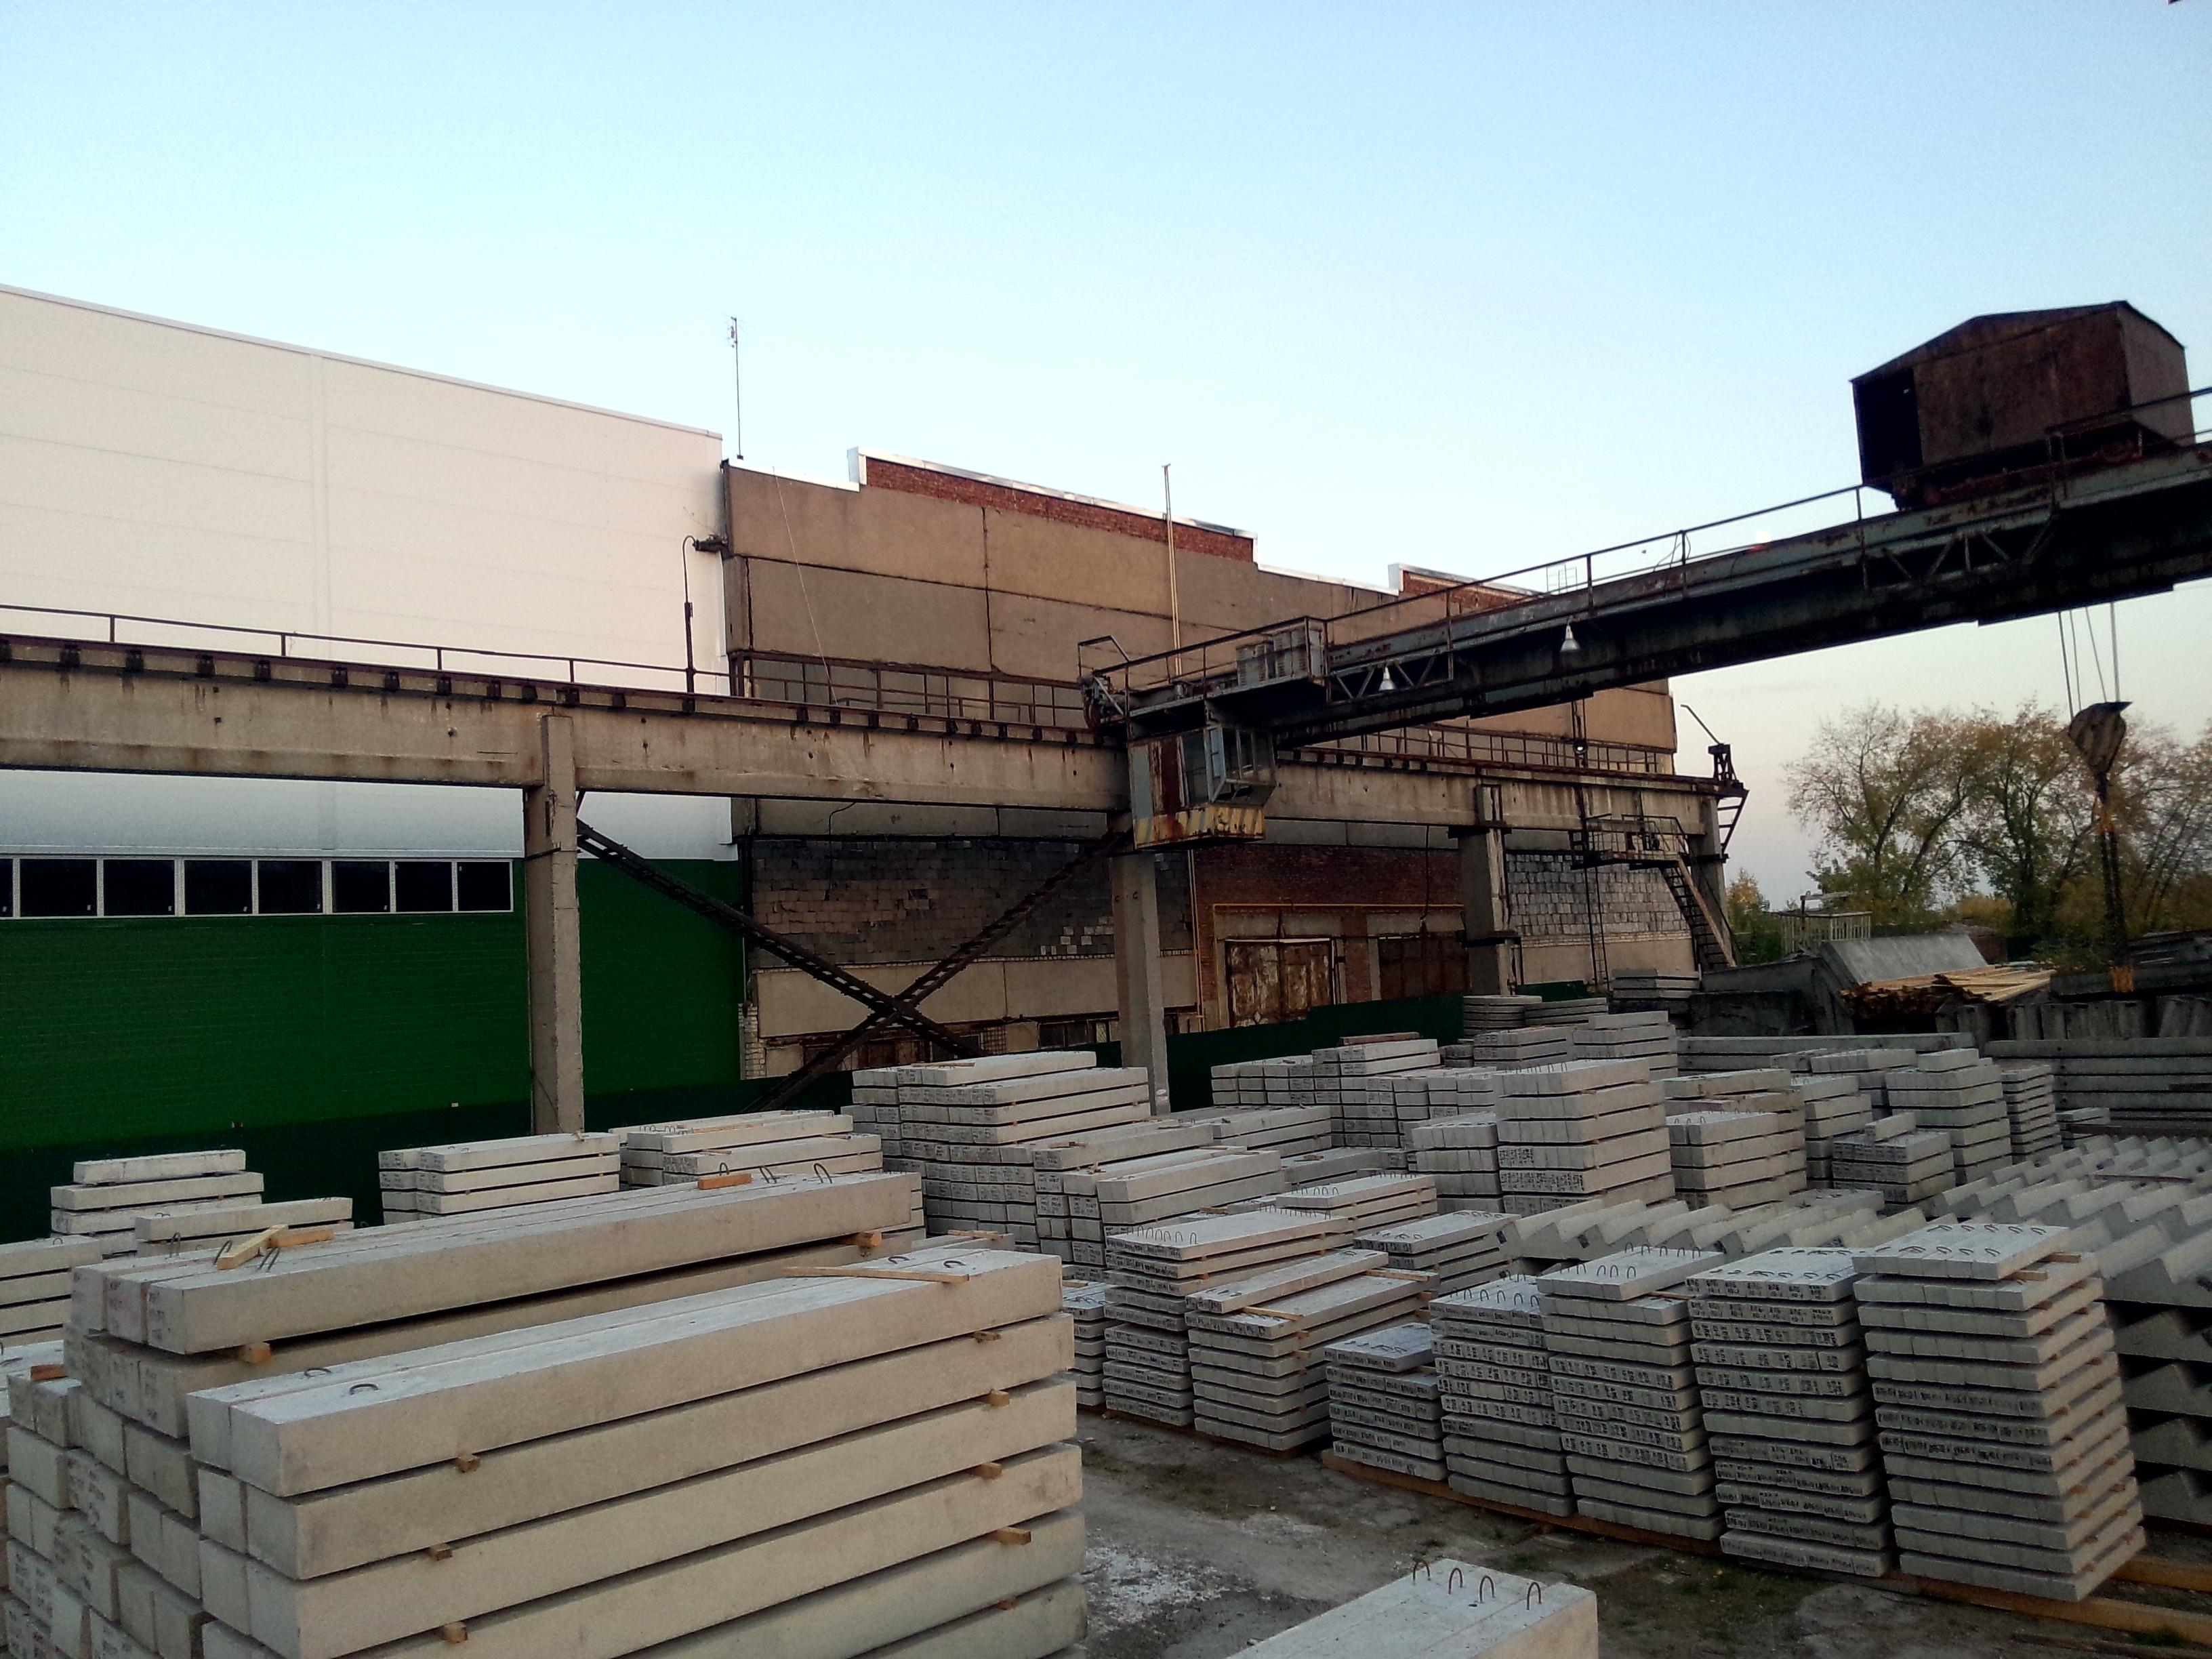 Модернизация производства за счет чего увеличили объем производства перемычек, лестничных ступеней, маршей площадок